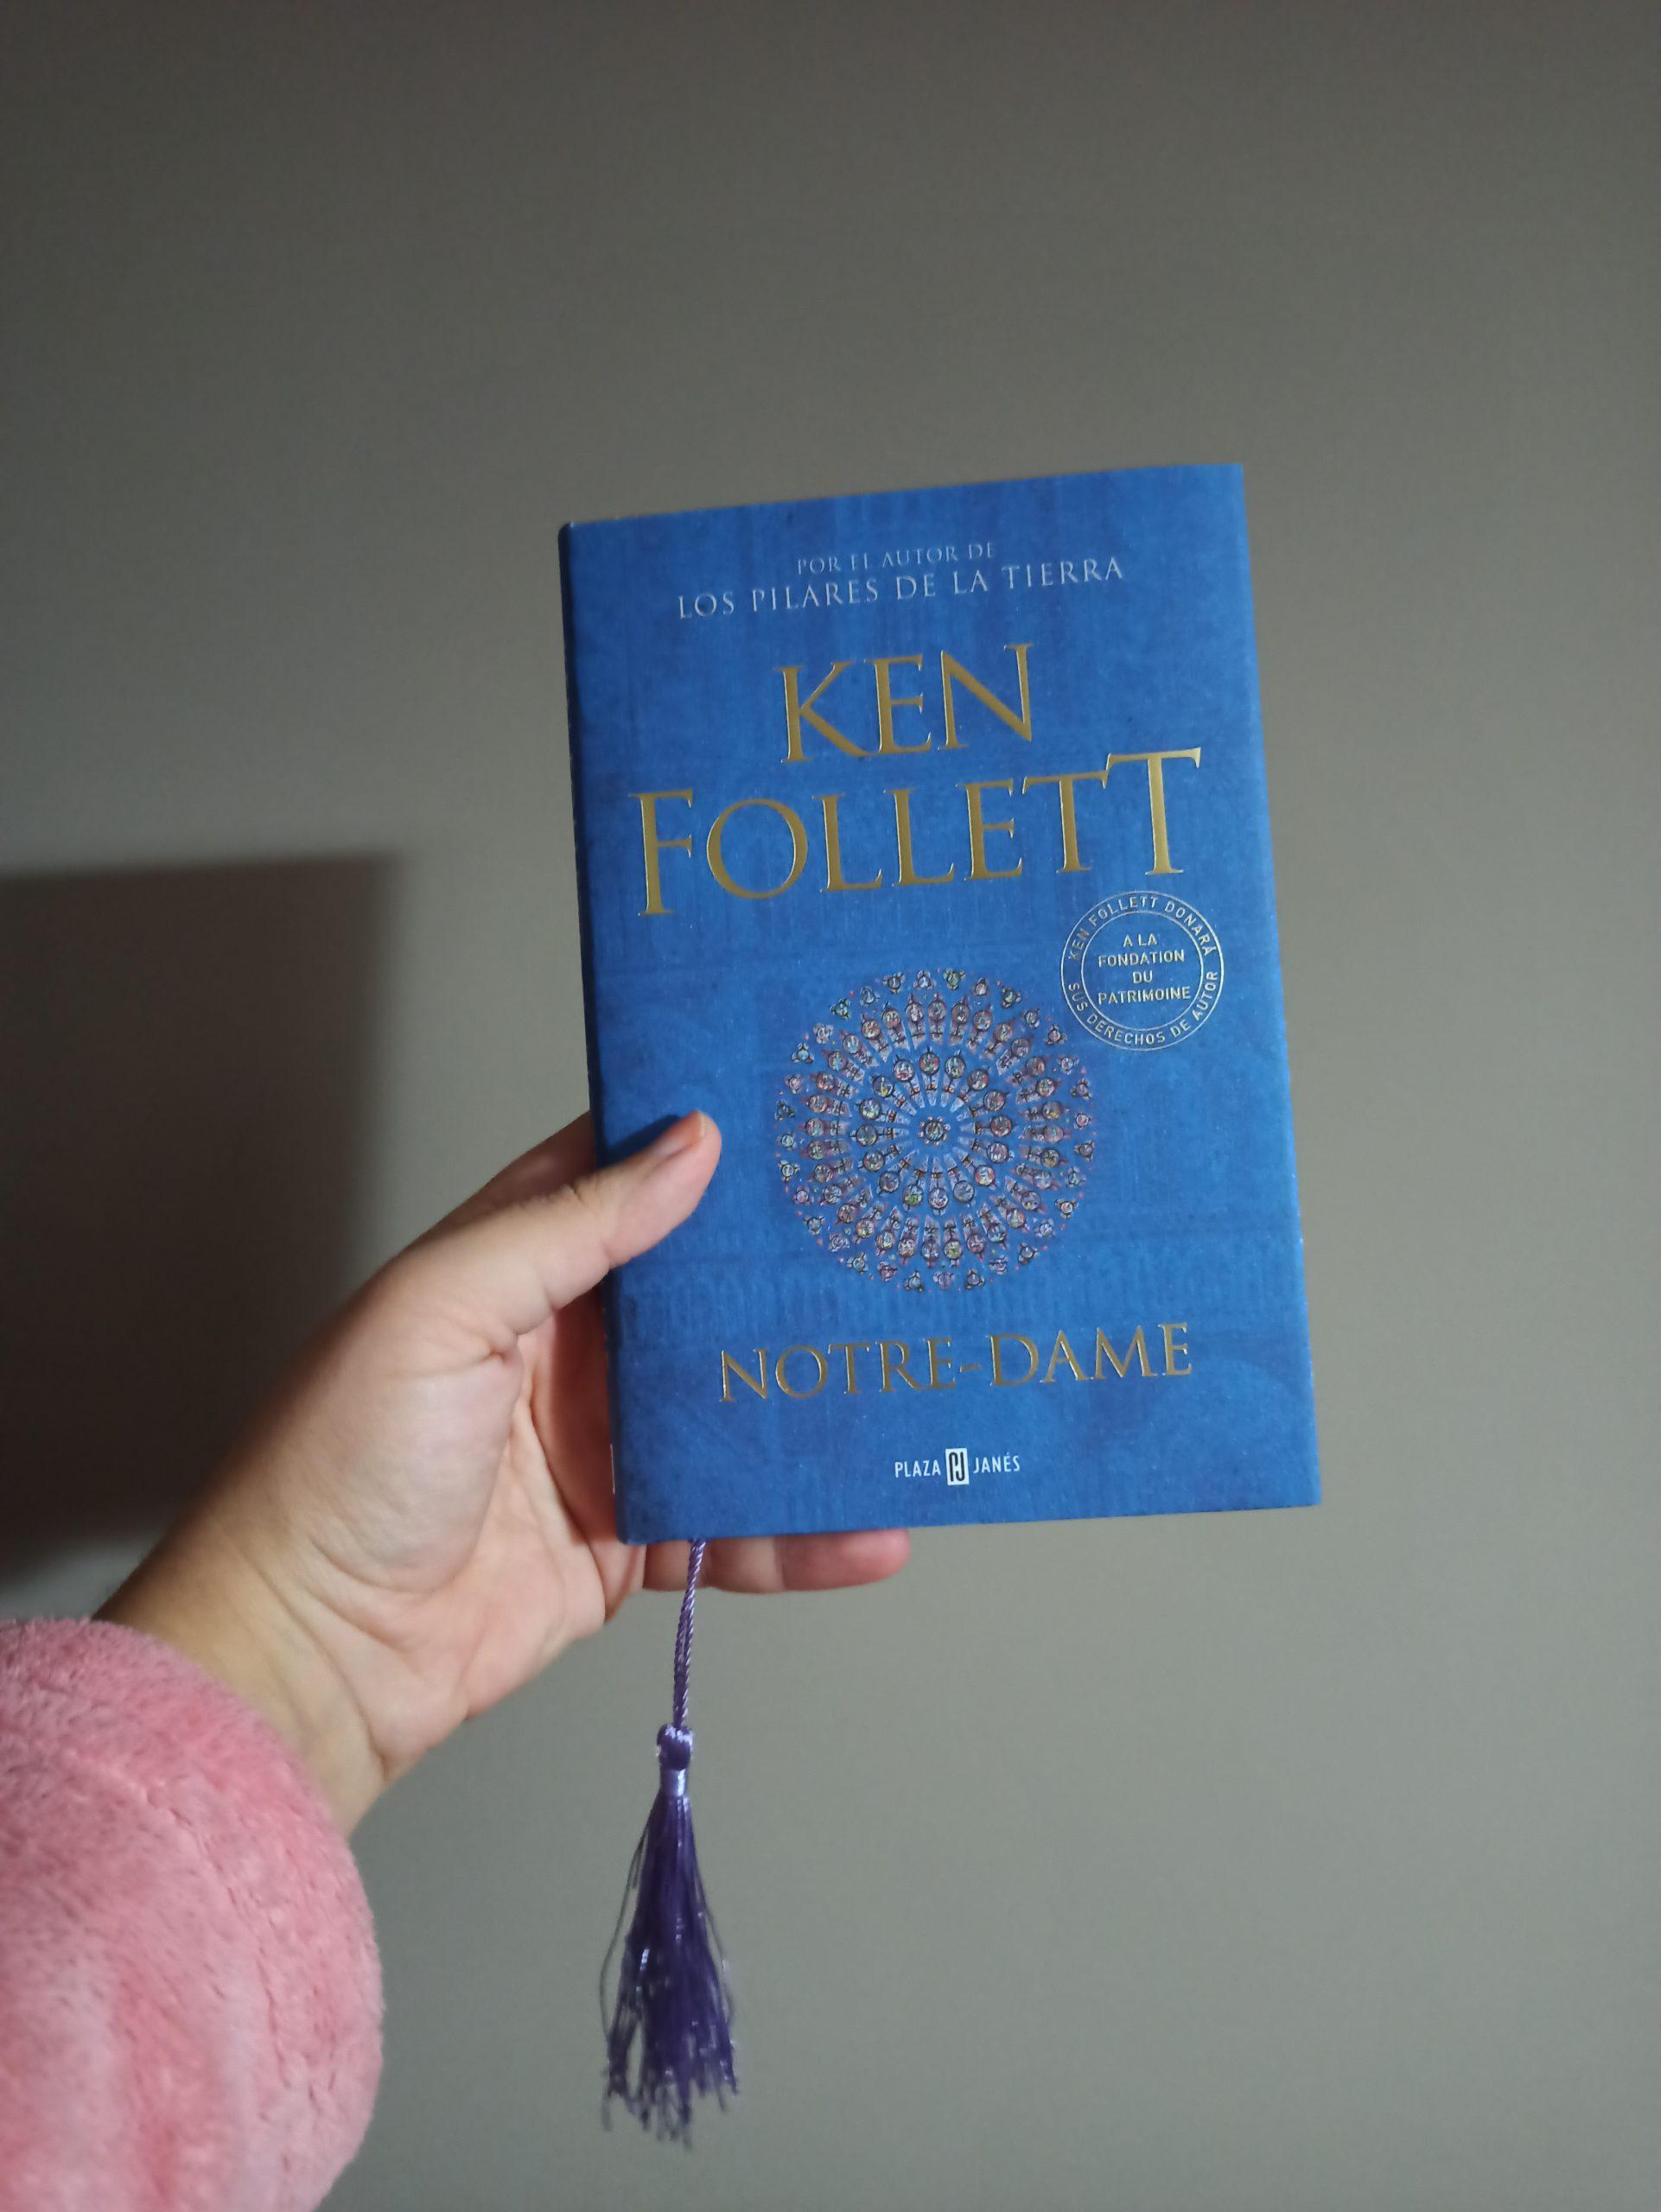 NOTRE-DAME, de Ken Follett.